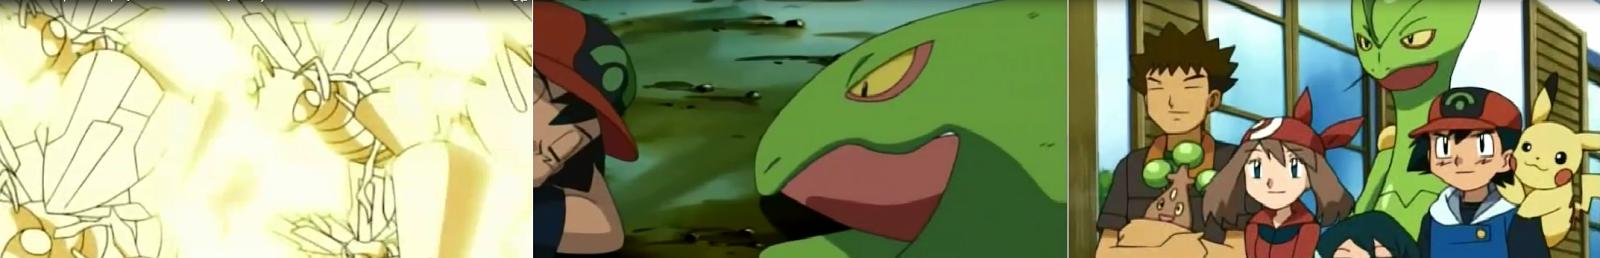 Pokemon Capitulo 18 Temporada 9 Cortando Los Lazos Que Atan